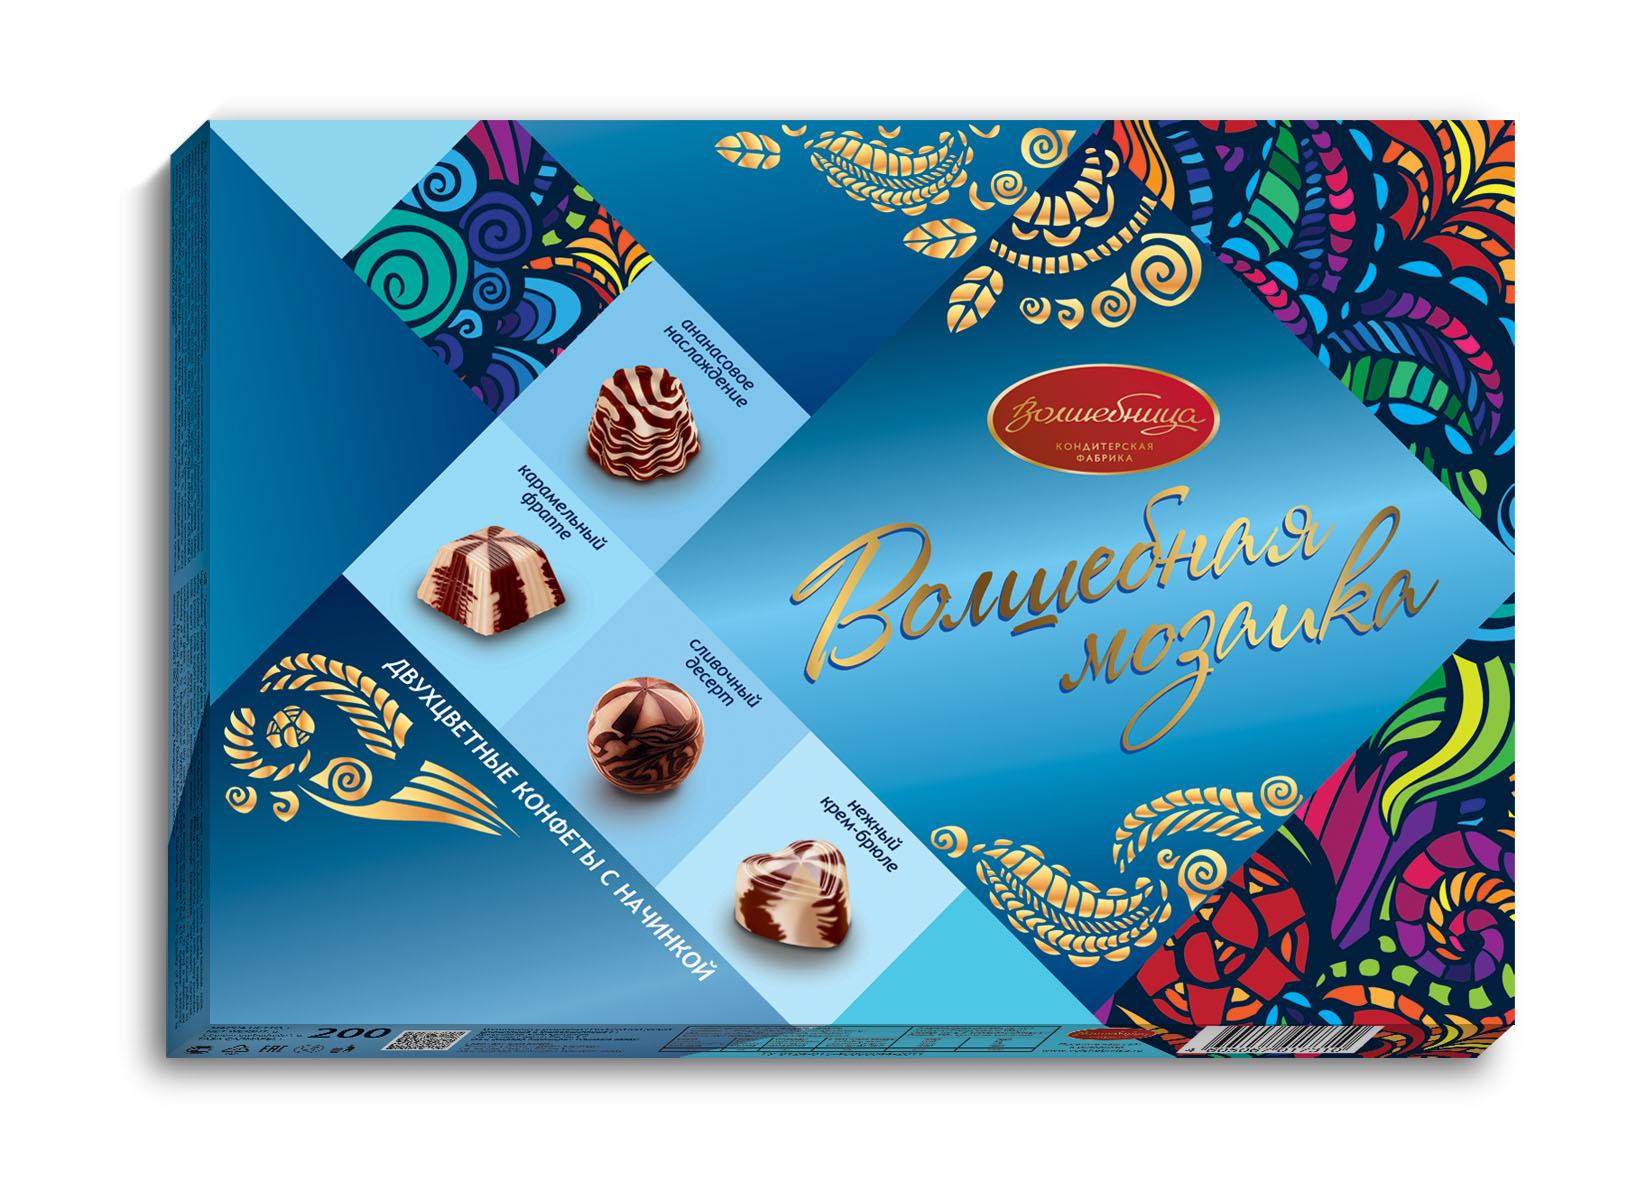 Волшебница Волшебная мозаика конфеты двухслойные с начинками , 200 г1.6498Набор двухцветных конфет ассорти с 4-мя популярными начинками - карамельной, сливочной, ананасовой, крем-брюле. Целая палитра вкусов в одной конфете - выбор максималистов. Интересное решение для запоминающегося подарка.